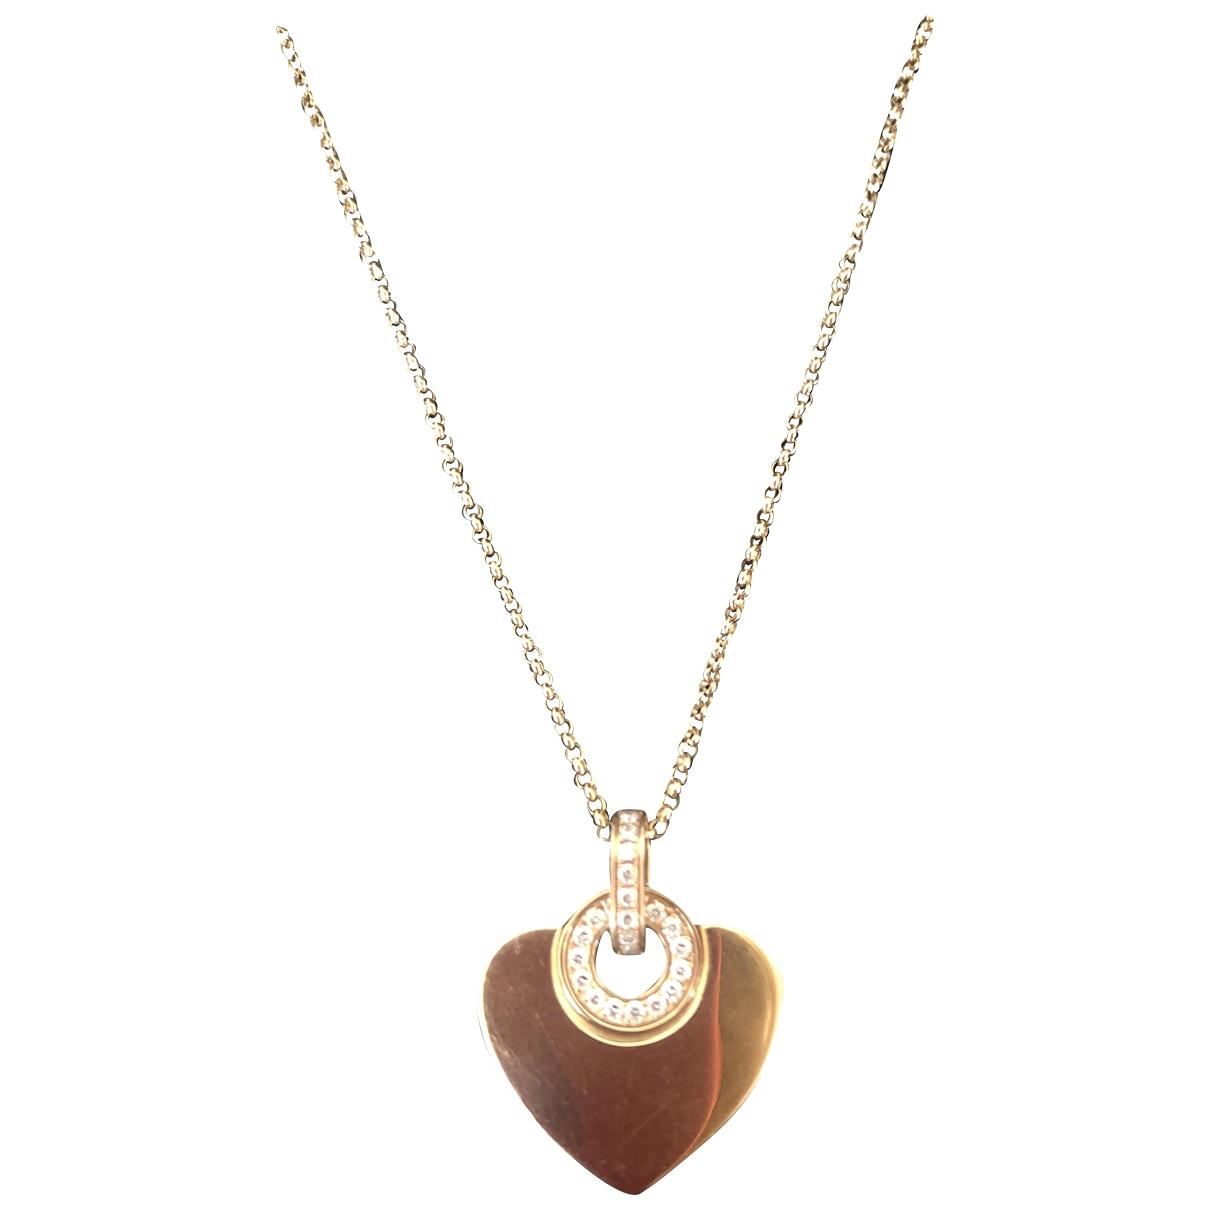 Bvlgari \N Gold Pink gold pendant for Women \N